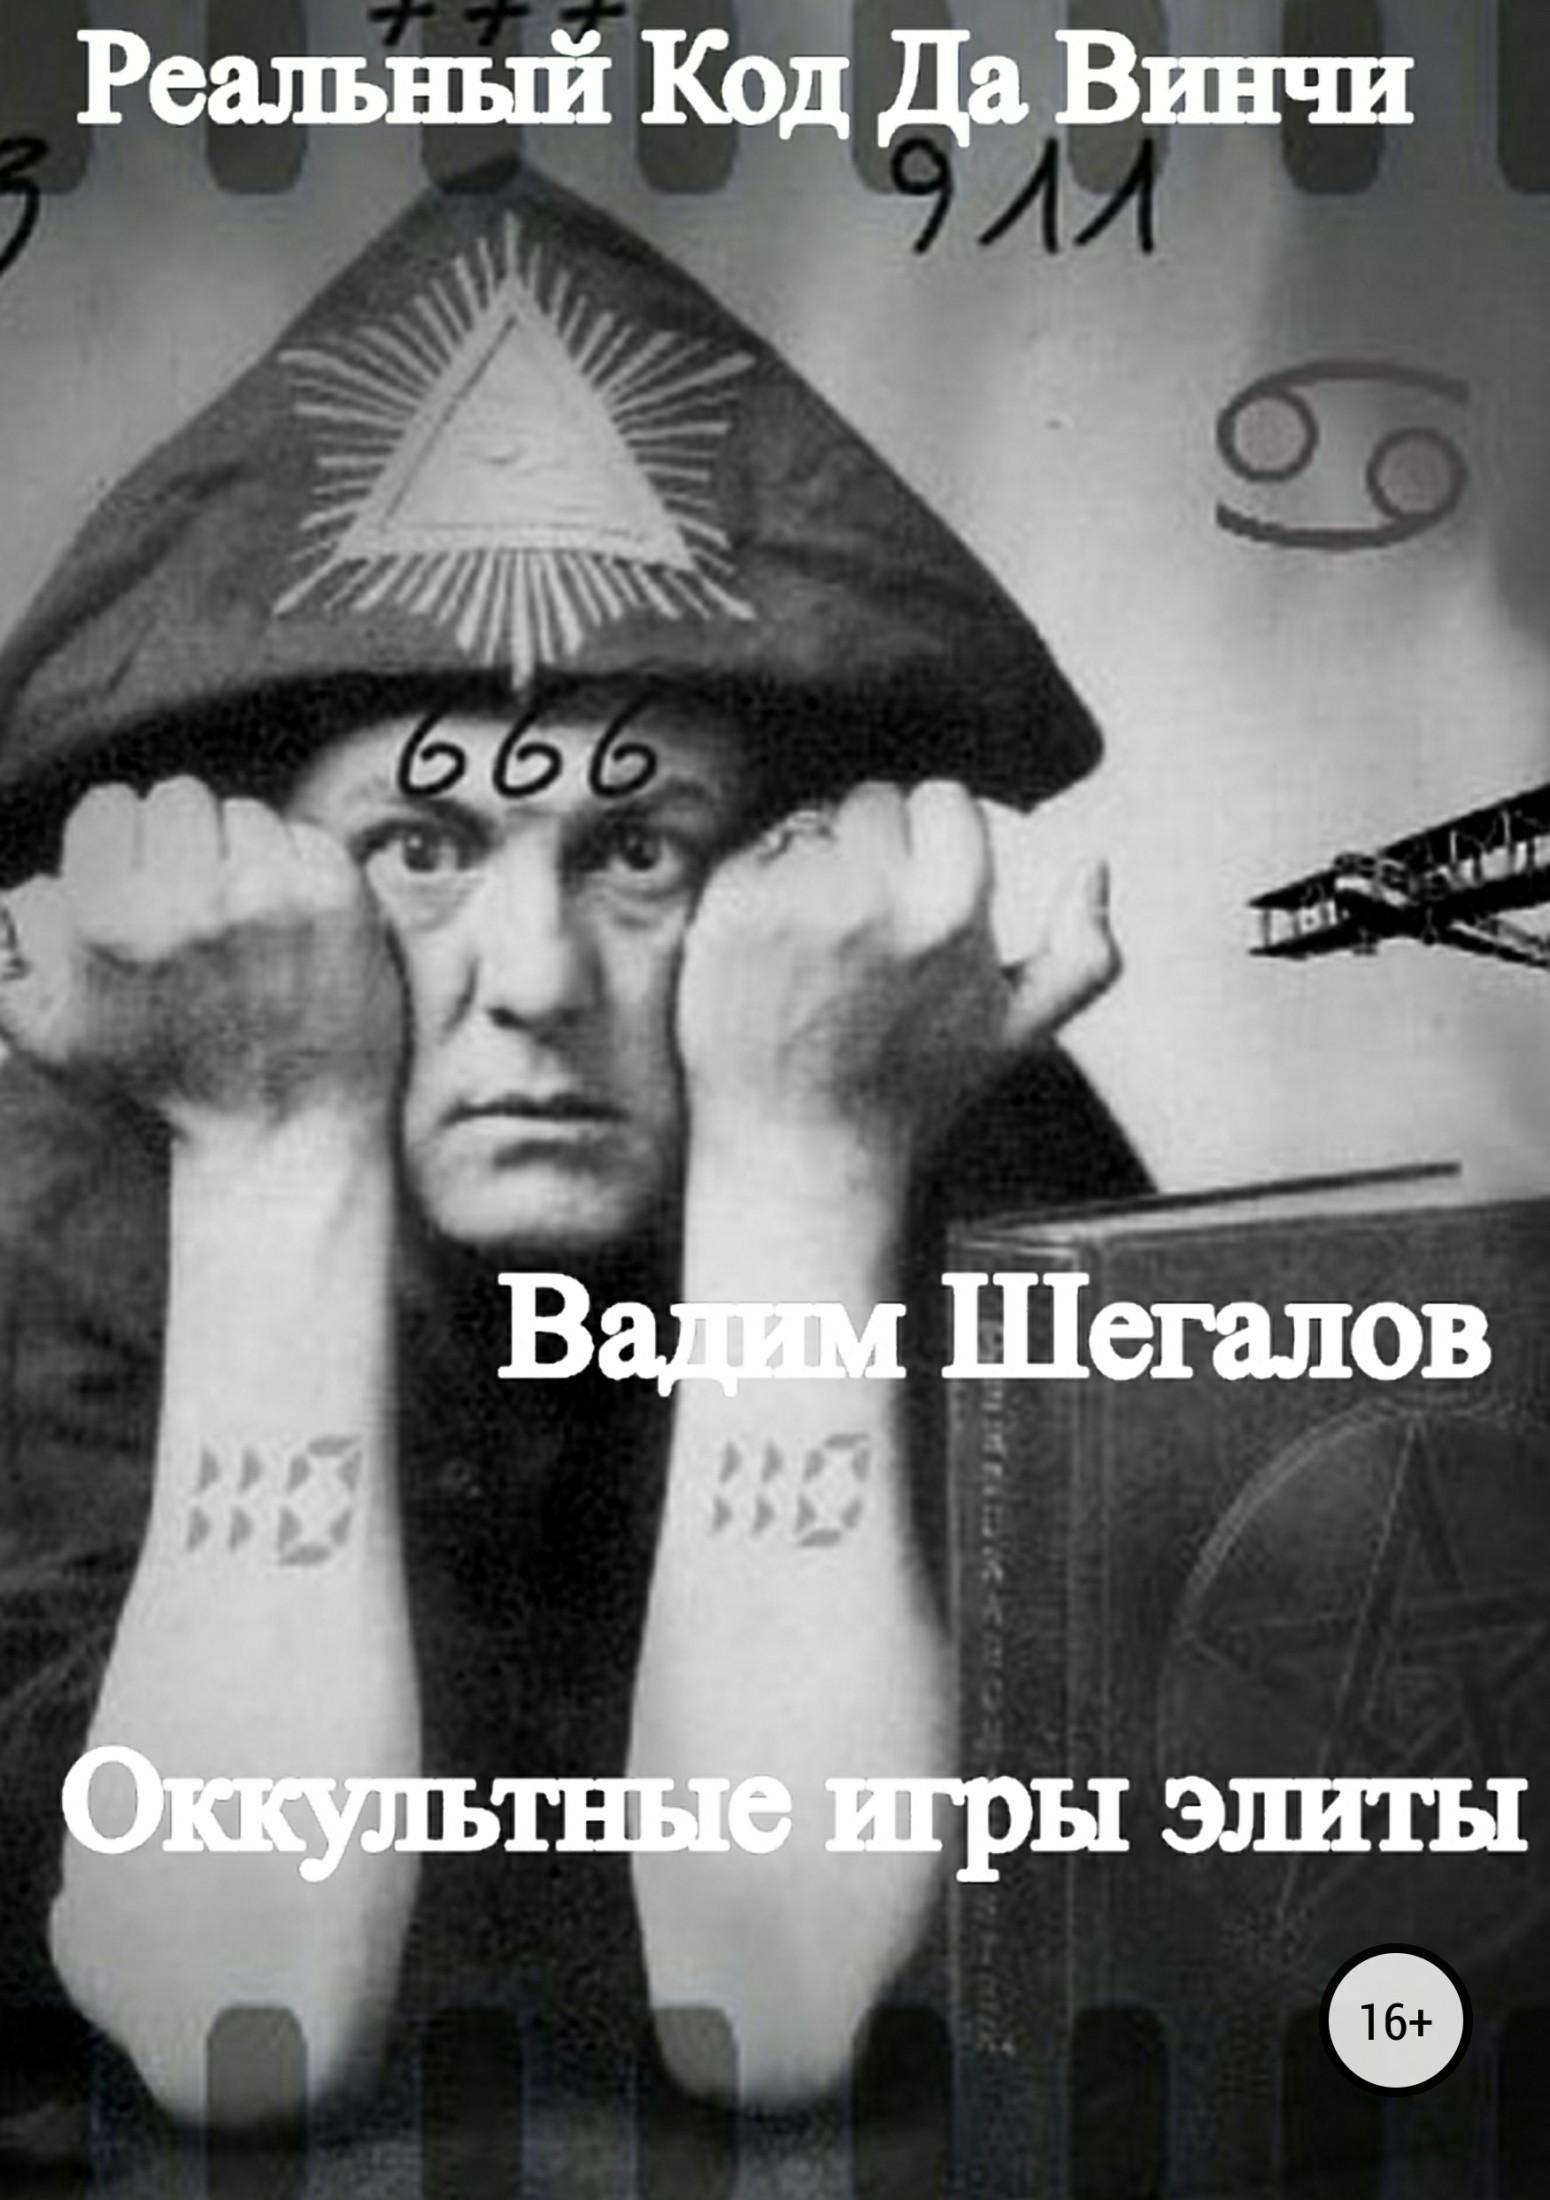 Вадим Шегалов Реальный Код да Винчи вадим шегалов мои дороги тибет